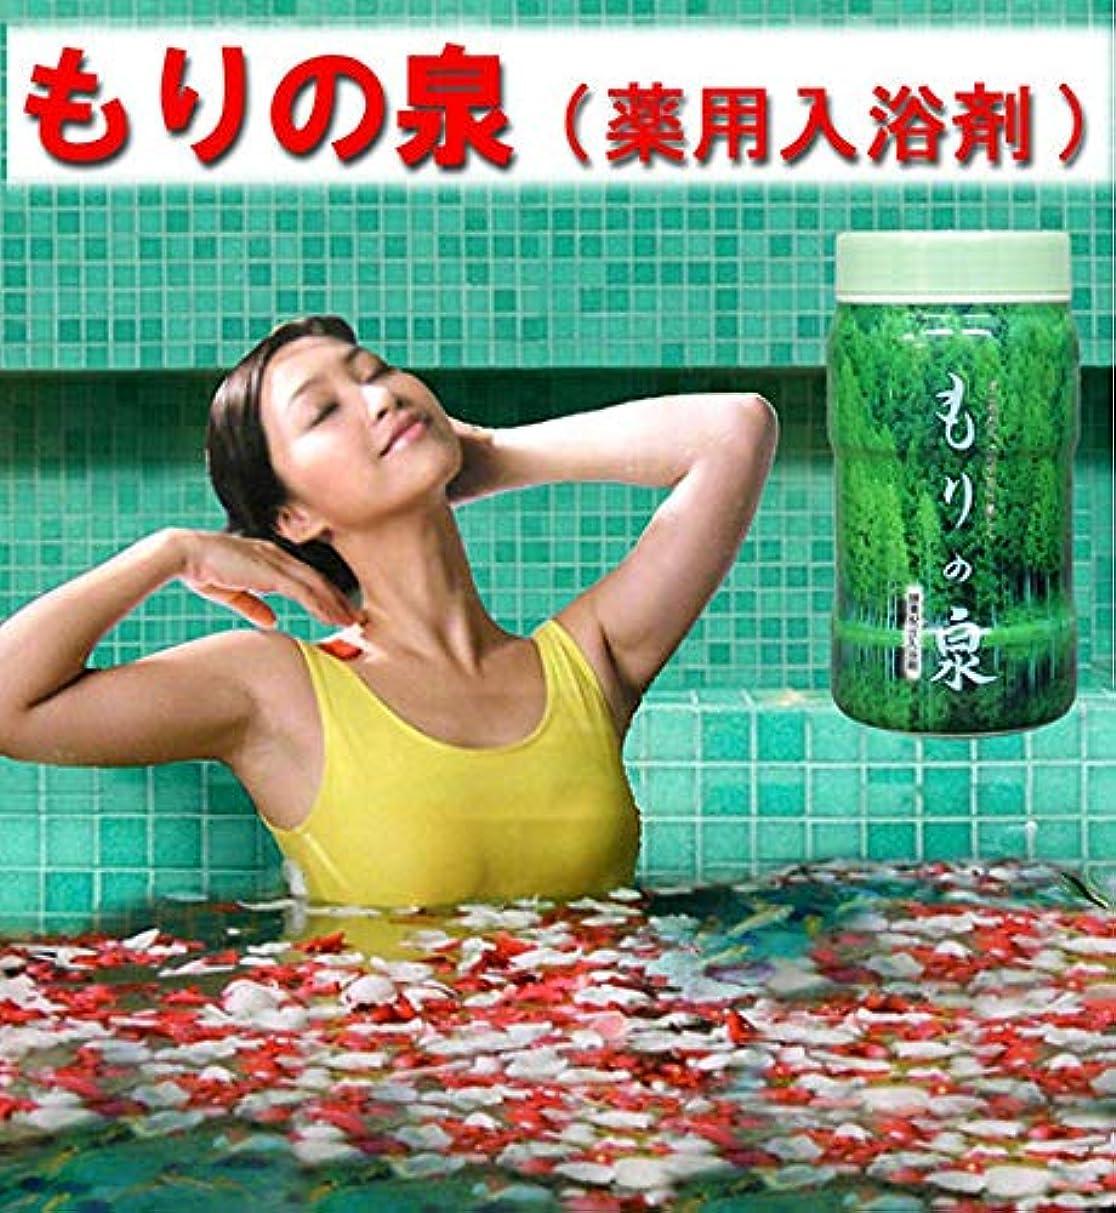 主観的機転タイムリーな酵素入り入浴剤 もりの泉 1本